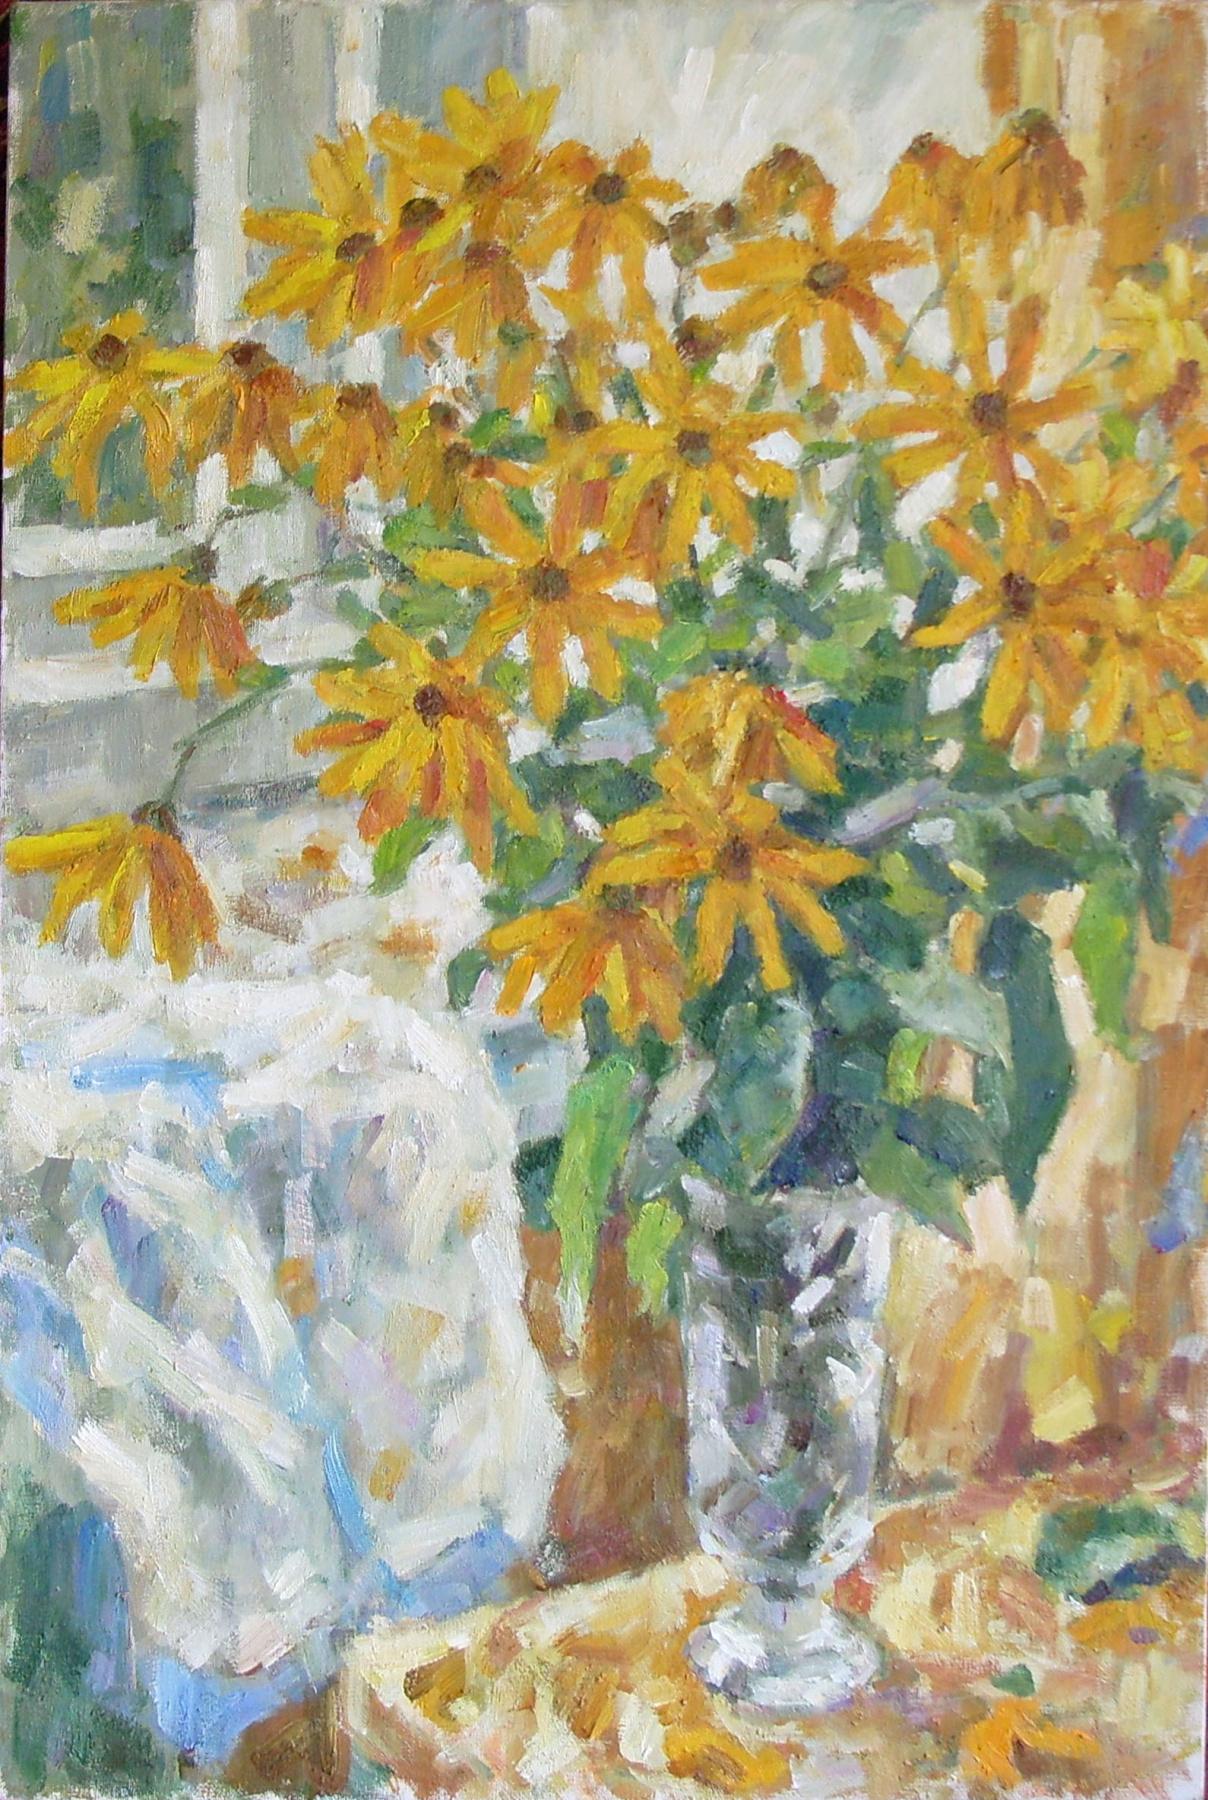 Urii Parchaikin. Желтые цветы